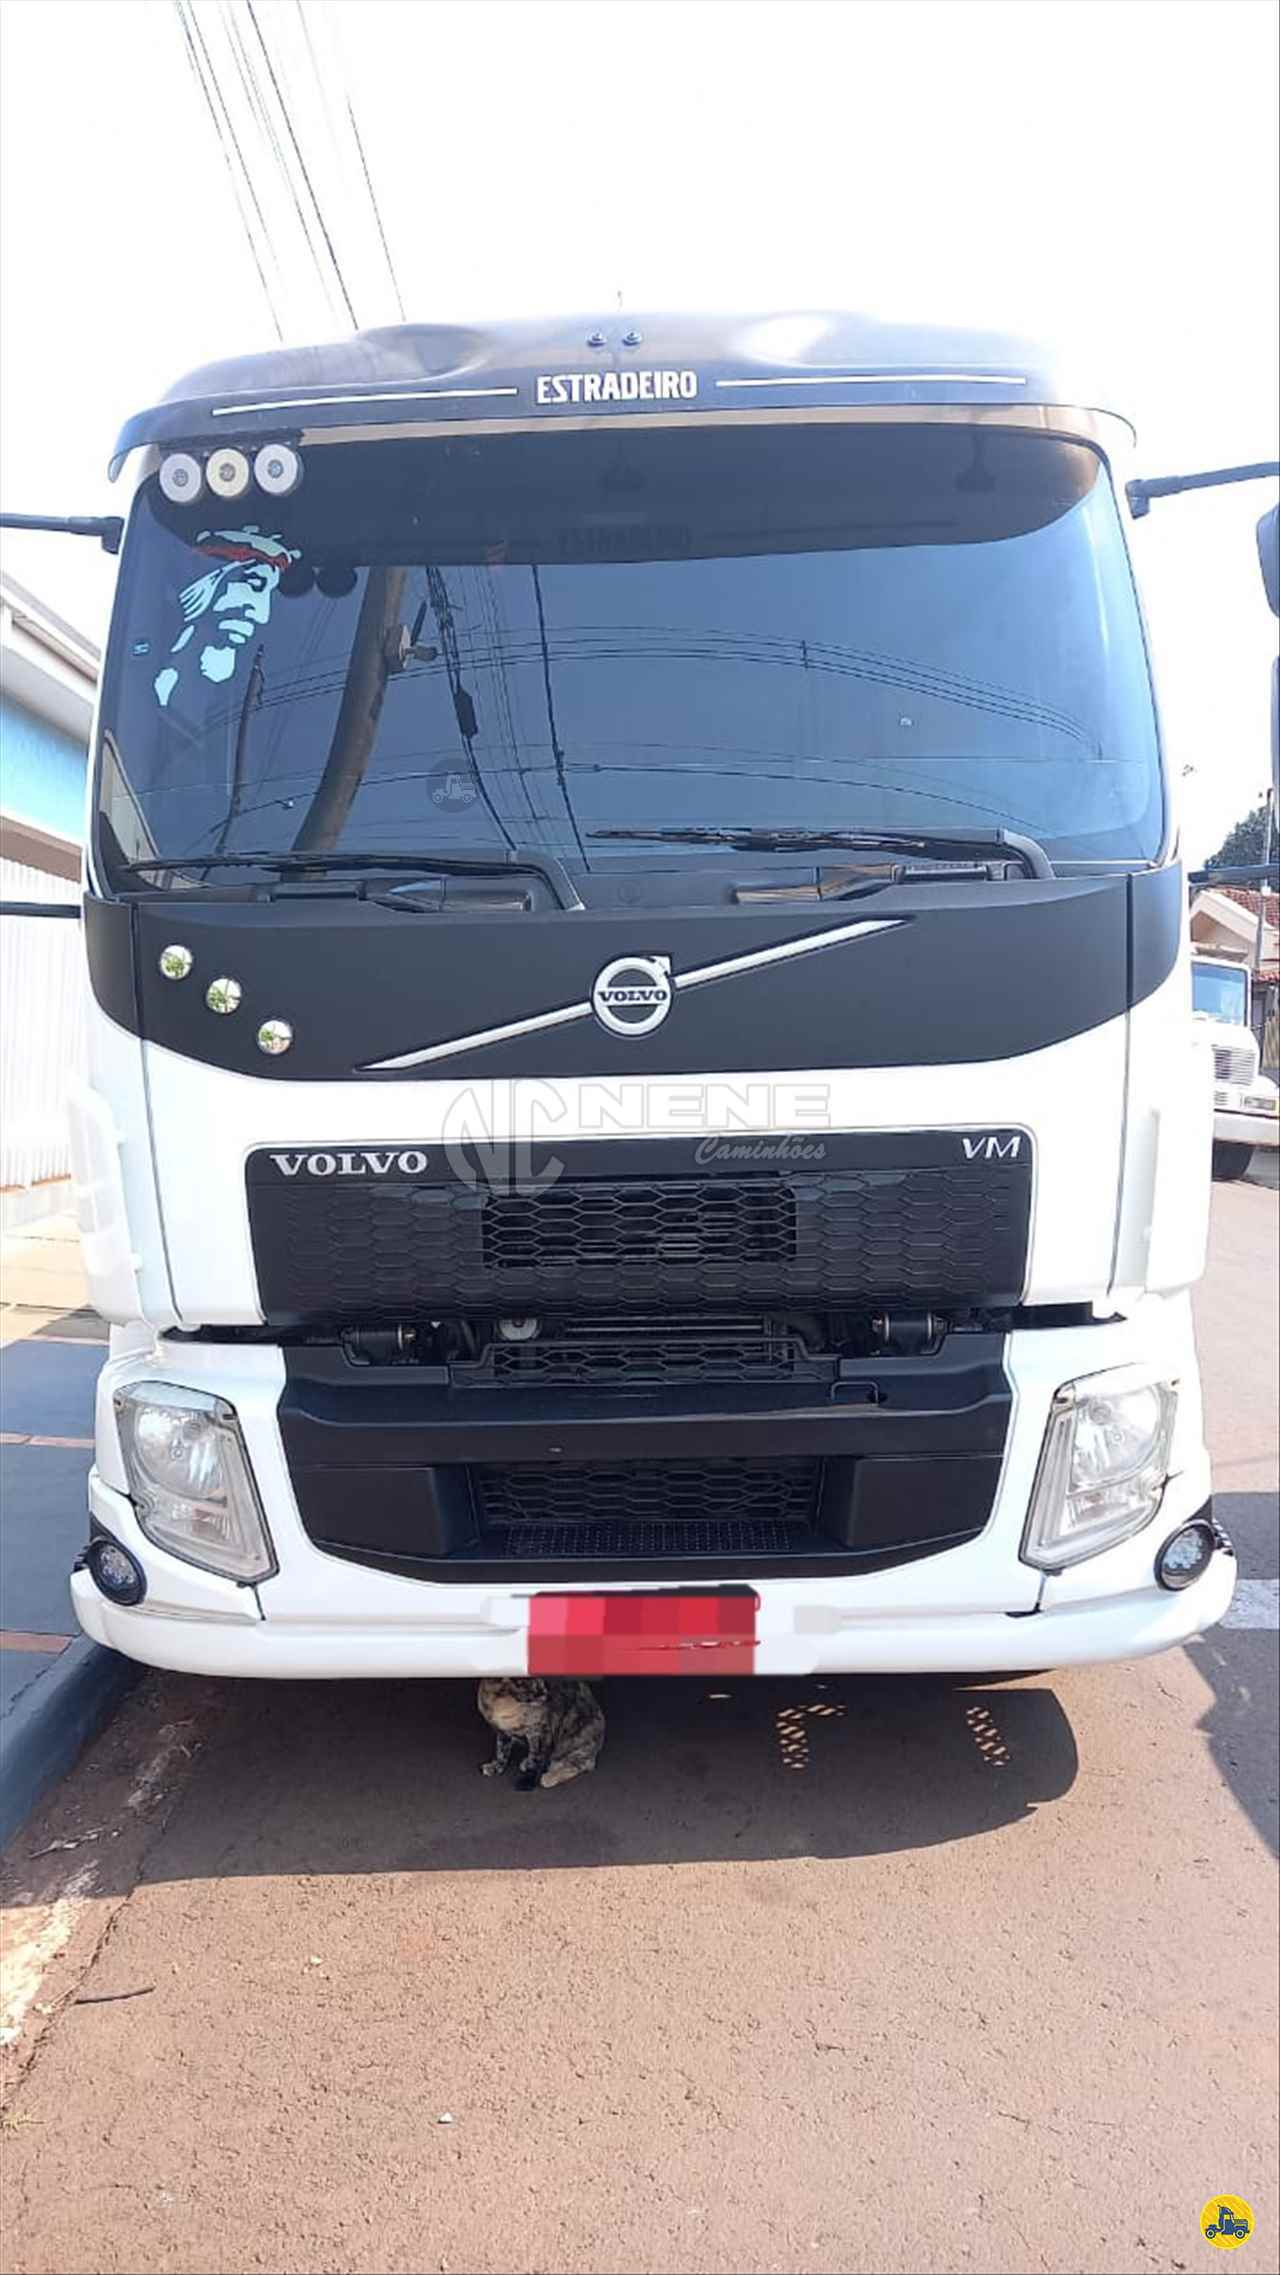 CAMINHAO VOLVO VOLVO VM 270 Carga Seca Truck 6x2 Nene Caminhões SAO JOAO DA BOA VISTA SÃO PAULO SP